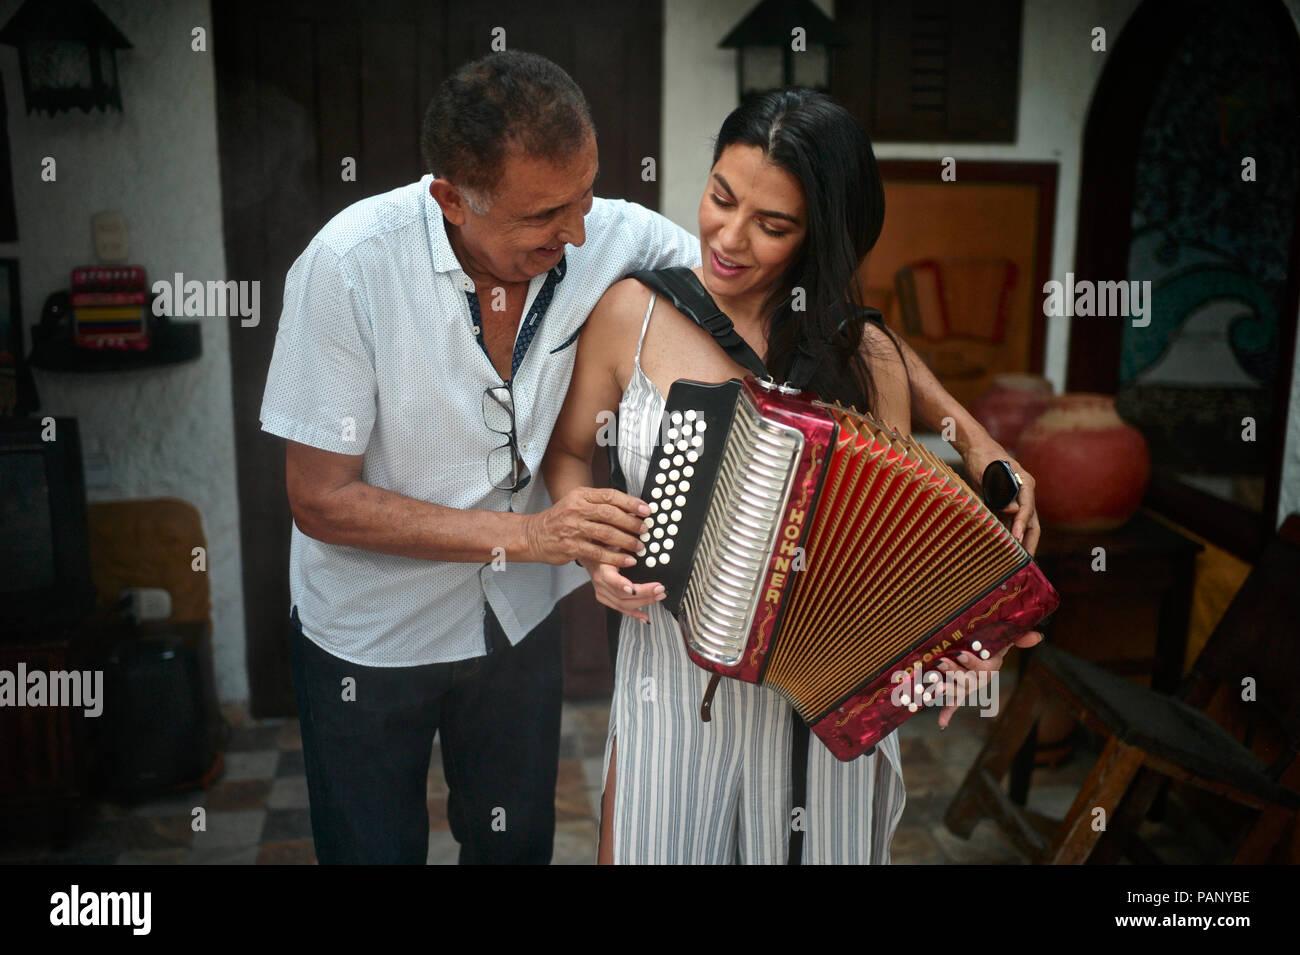 Compositor de vallenato colombiano Beto Murgas enseña Colombo americana CBS periodista Astrid Martínez para desempeñar el acordeón en su casa, el acordeón muse Foto de stock